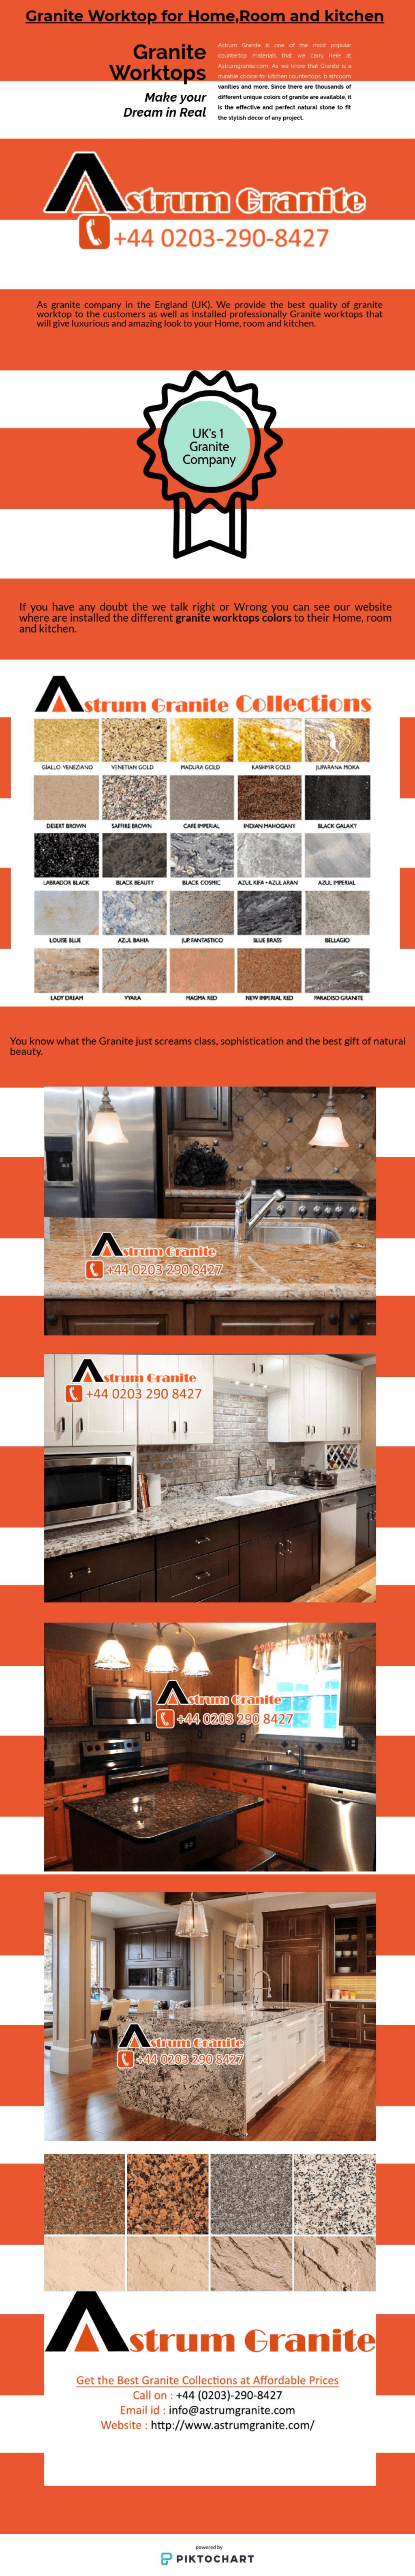 Buy Granite & #QuartzCountertops/Worktops at Cheap Price: Be... via James William